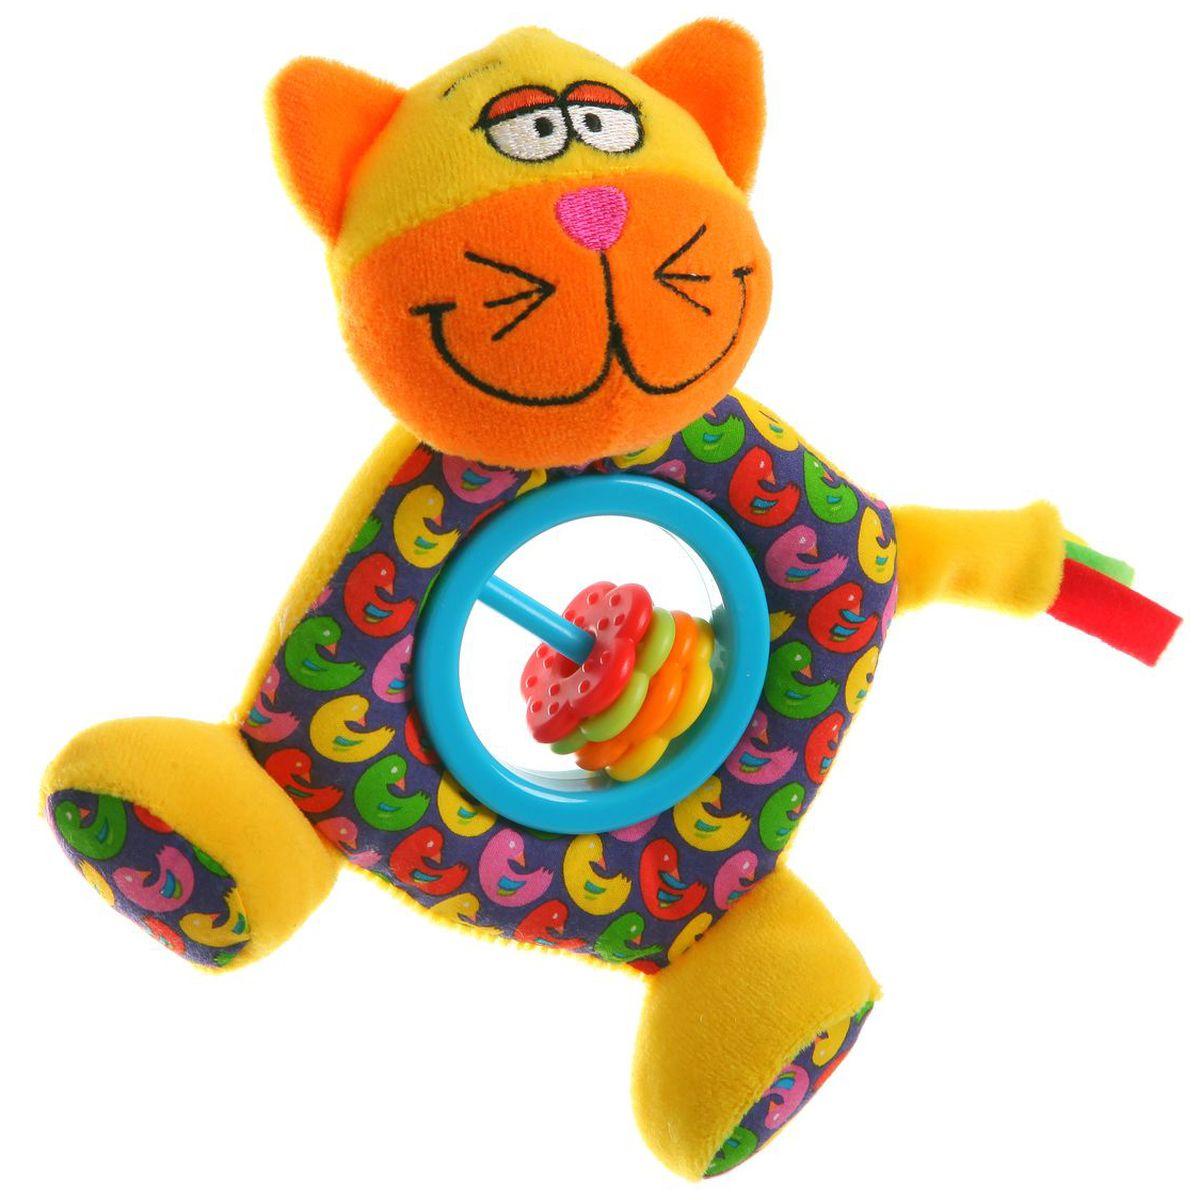 Bondibon Мягкая игрушка-погремушка Кот цвет желтый оранжевый голубой bondibon копилка в технике декопатч сердечко